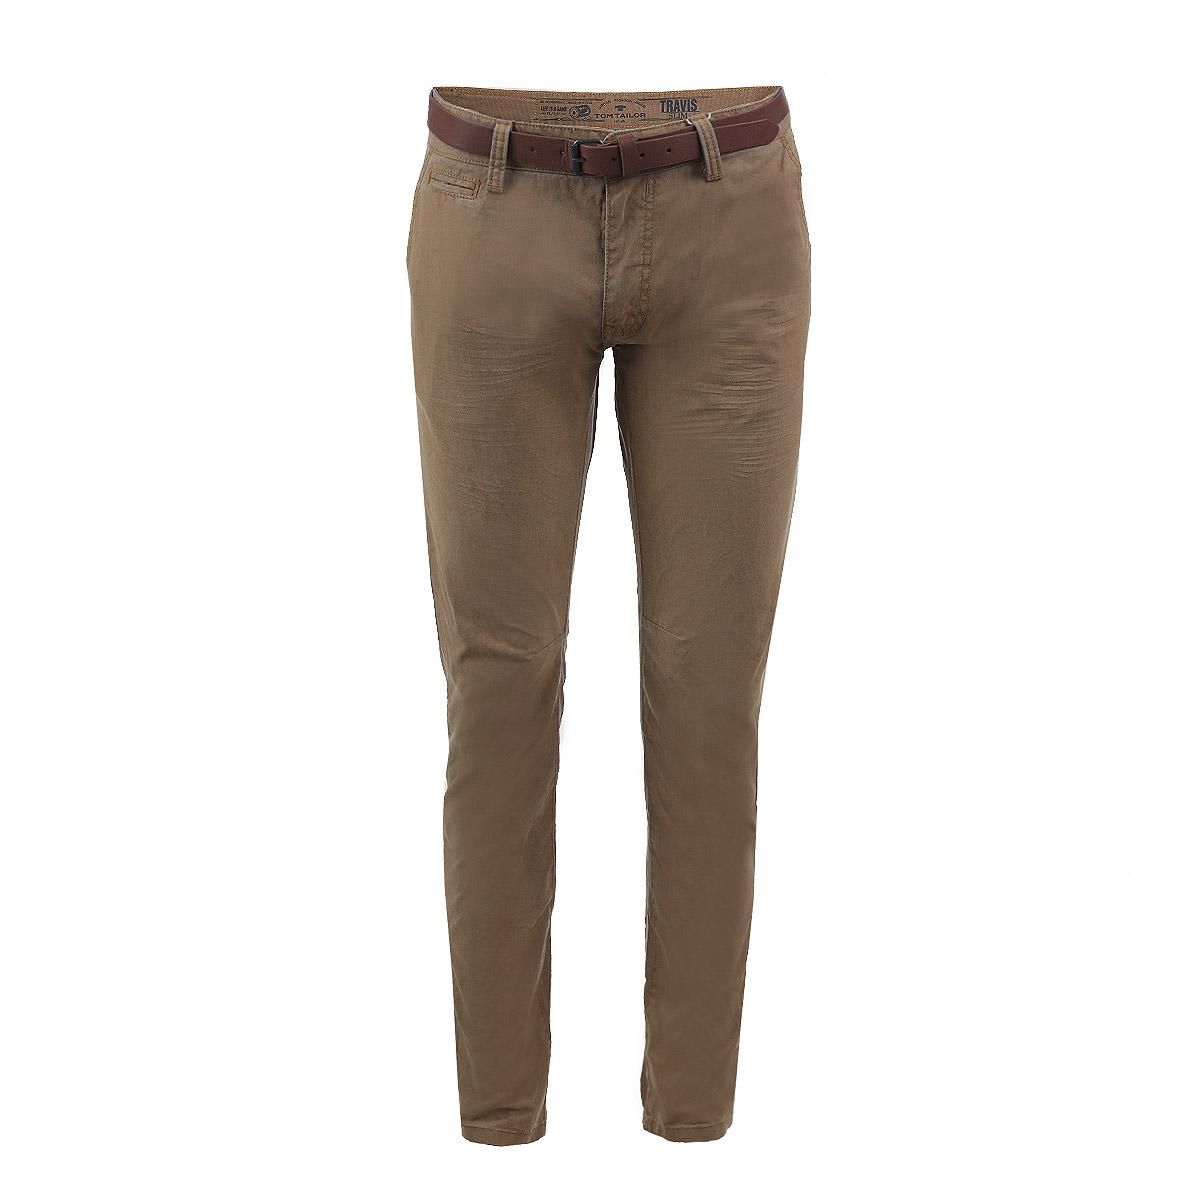 6403407.00.10Стильные мужские брюки Tom Tailor, выполненные из высококачественного материала, подходят большинству мужчин. Модель зауженного кроя и средней посадки станет отличным дополнением к вашему современному образу. Застегиваются брюки на пуговицу в поясе и ширинку на молнии, имеются шлевки для ремня и ремень из искусственной кожи в комплекте. Спереди модель оформлена двумя втачными карманами с косыми краями и небольшим секретным кармашком, а сзади - двумя втачными карманами с клапанами на пуговицах. Эти модные и в тоже время комфортные брюки послужат отличным дополнением к вашему гардеробу. В них вы всегда будете чувствовать себя уютно и комфортно.